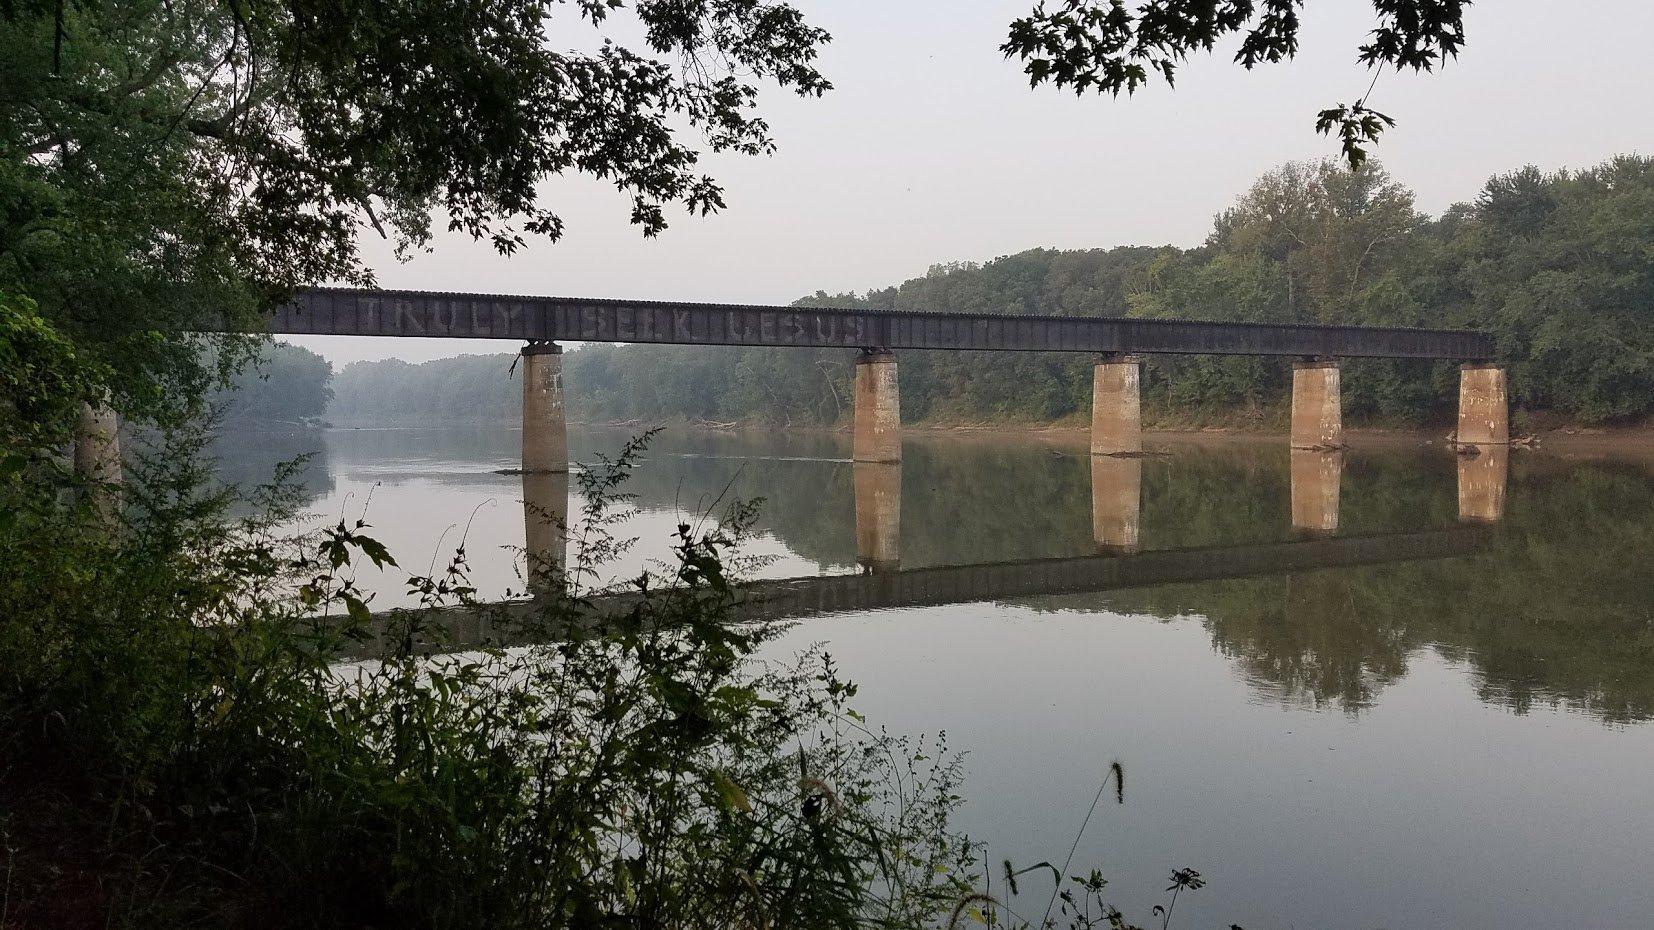 Covington Train Bridge